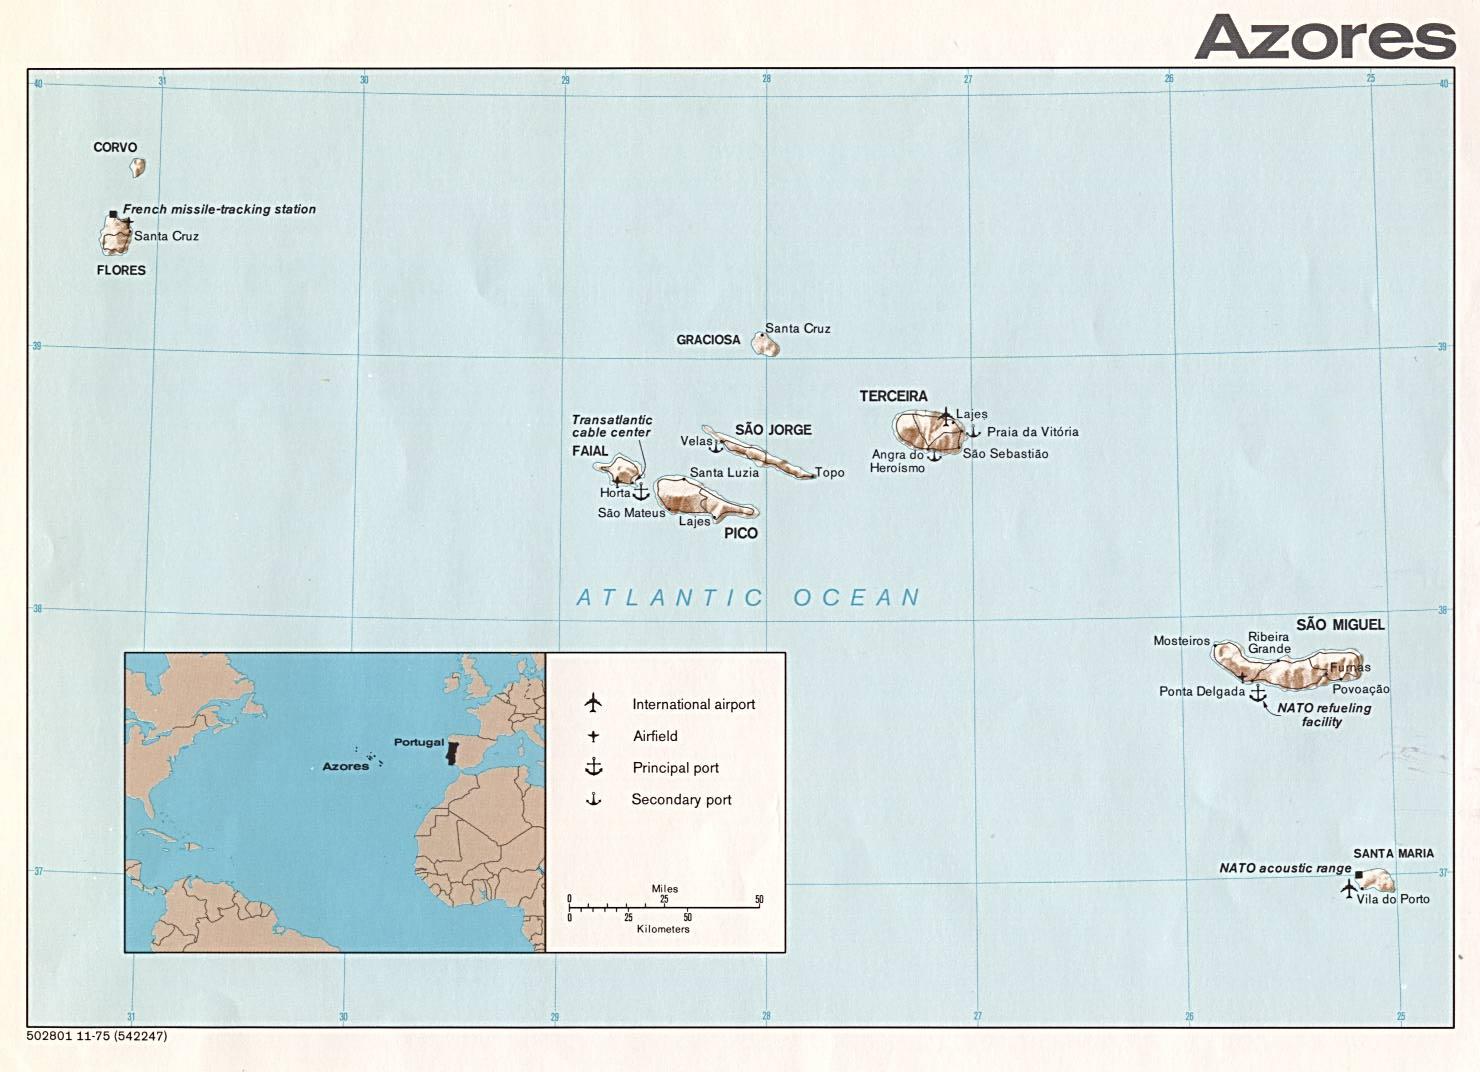 Mapa Físico de las Azores, Portugal